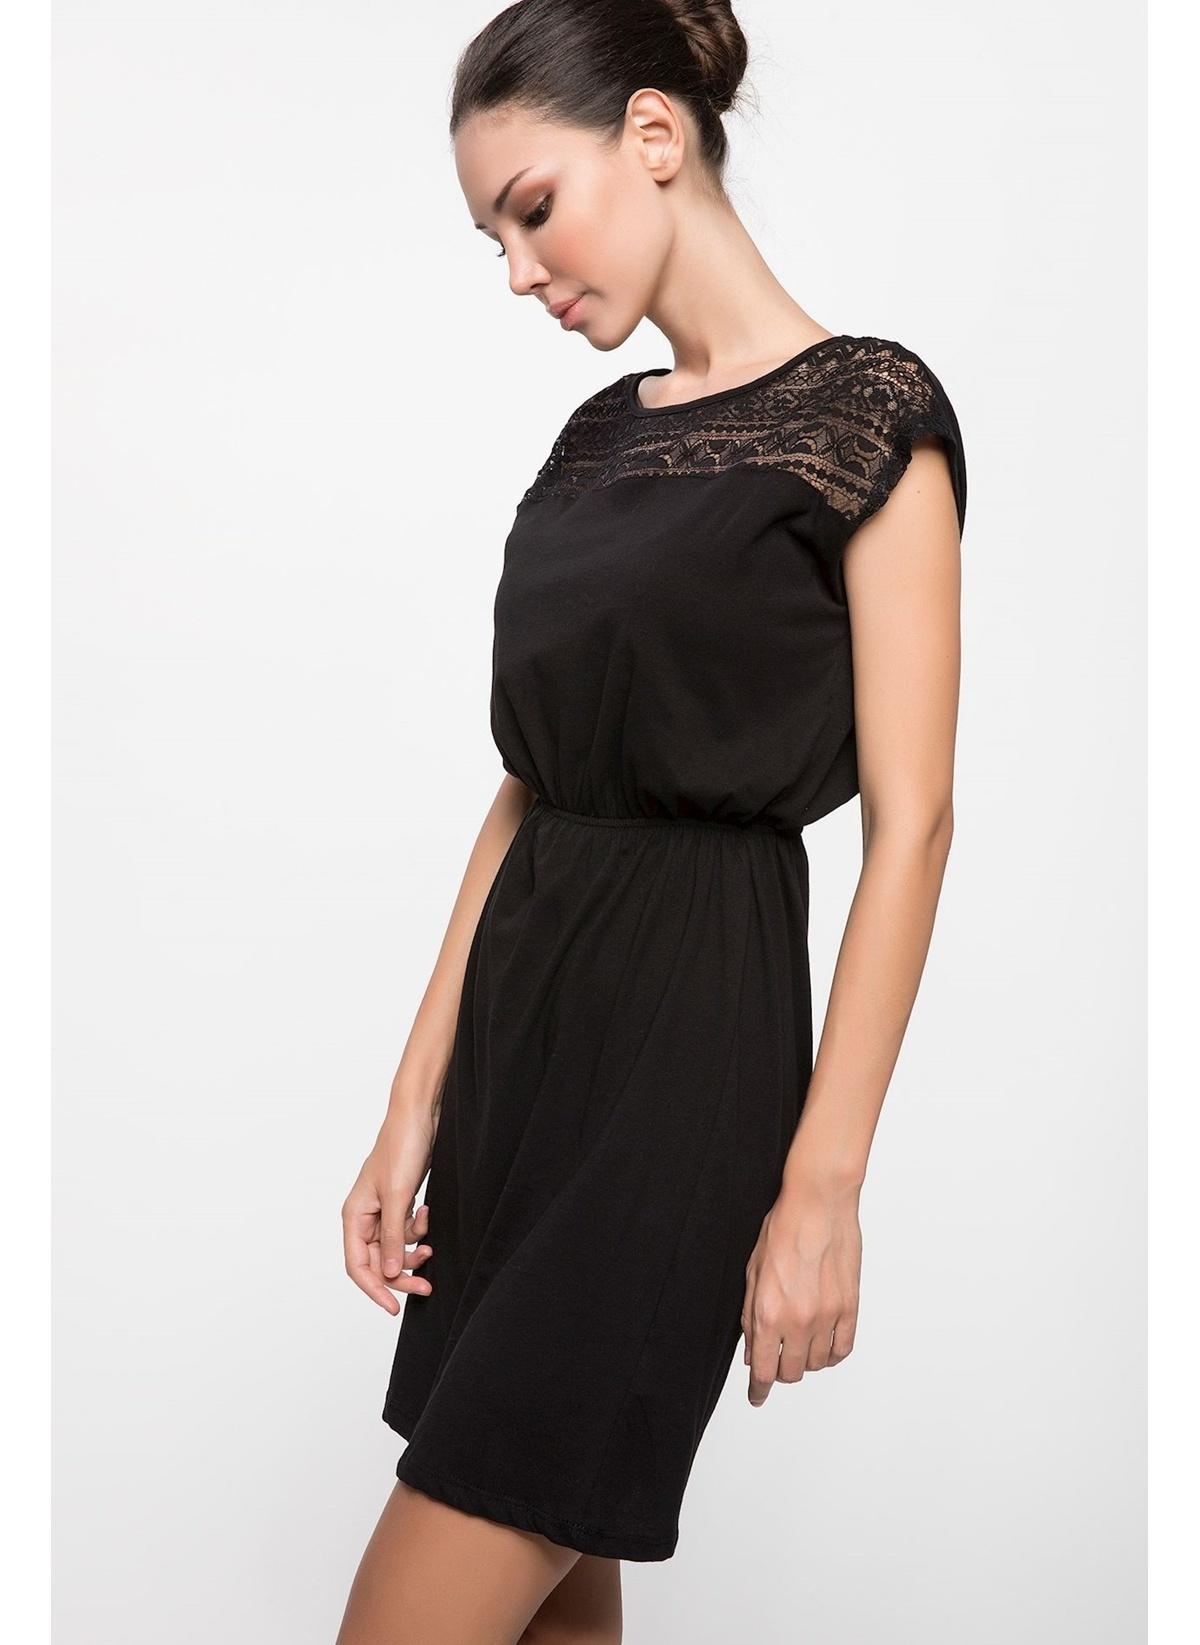 Defacto Dantel Detaylı Elbise K0331az18aubk46elbise – 29.99 TL